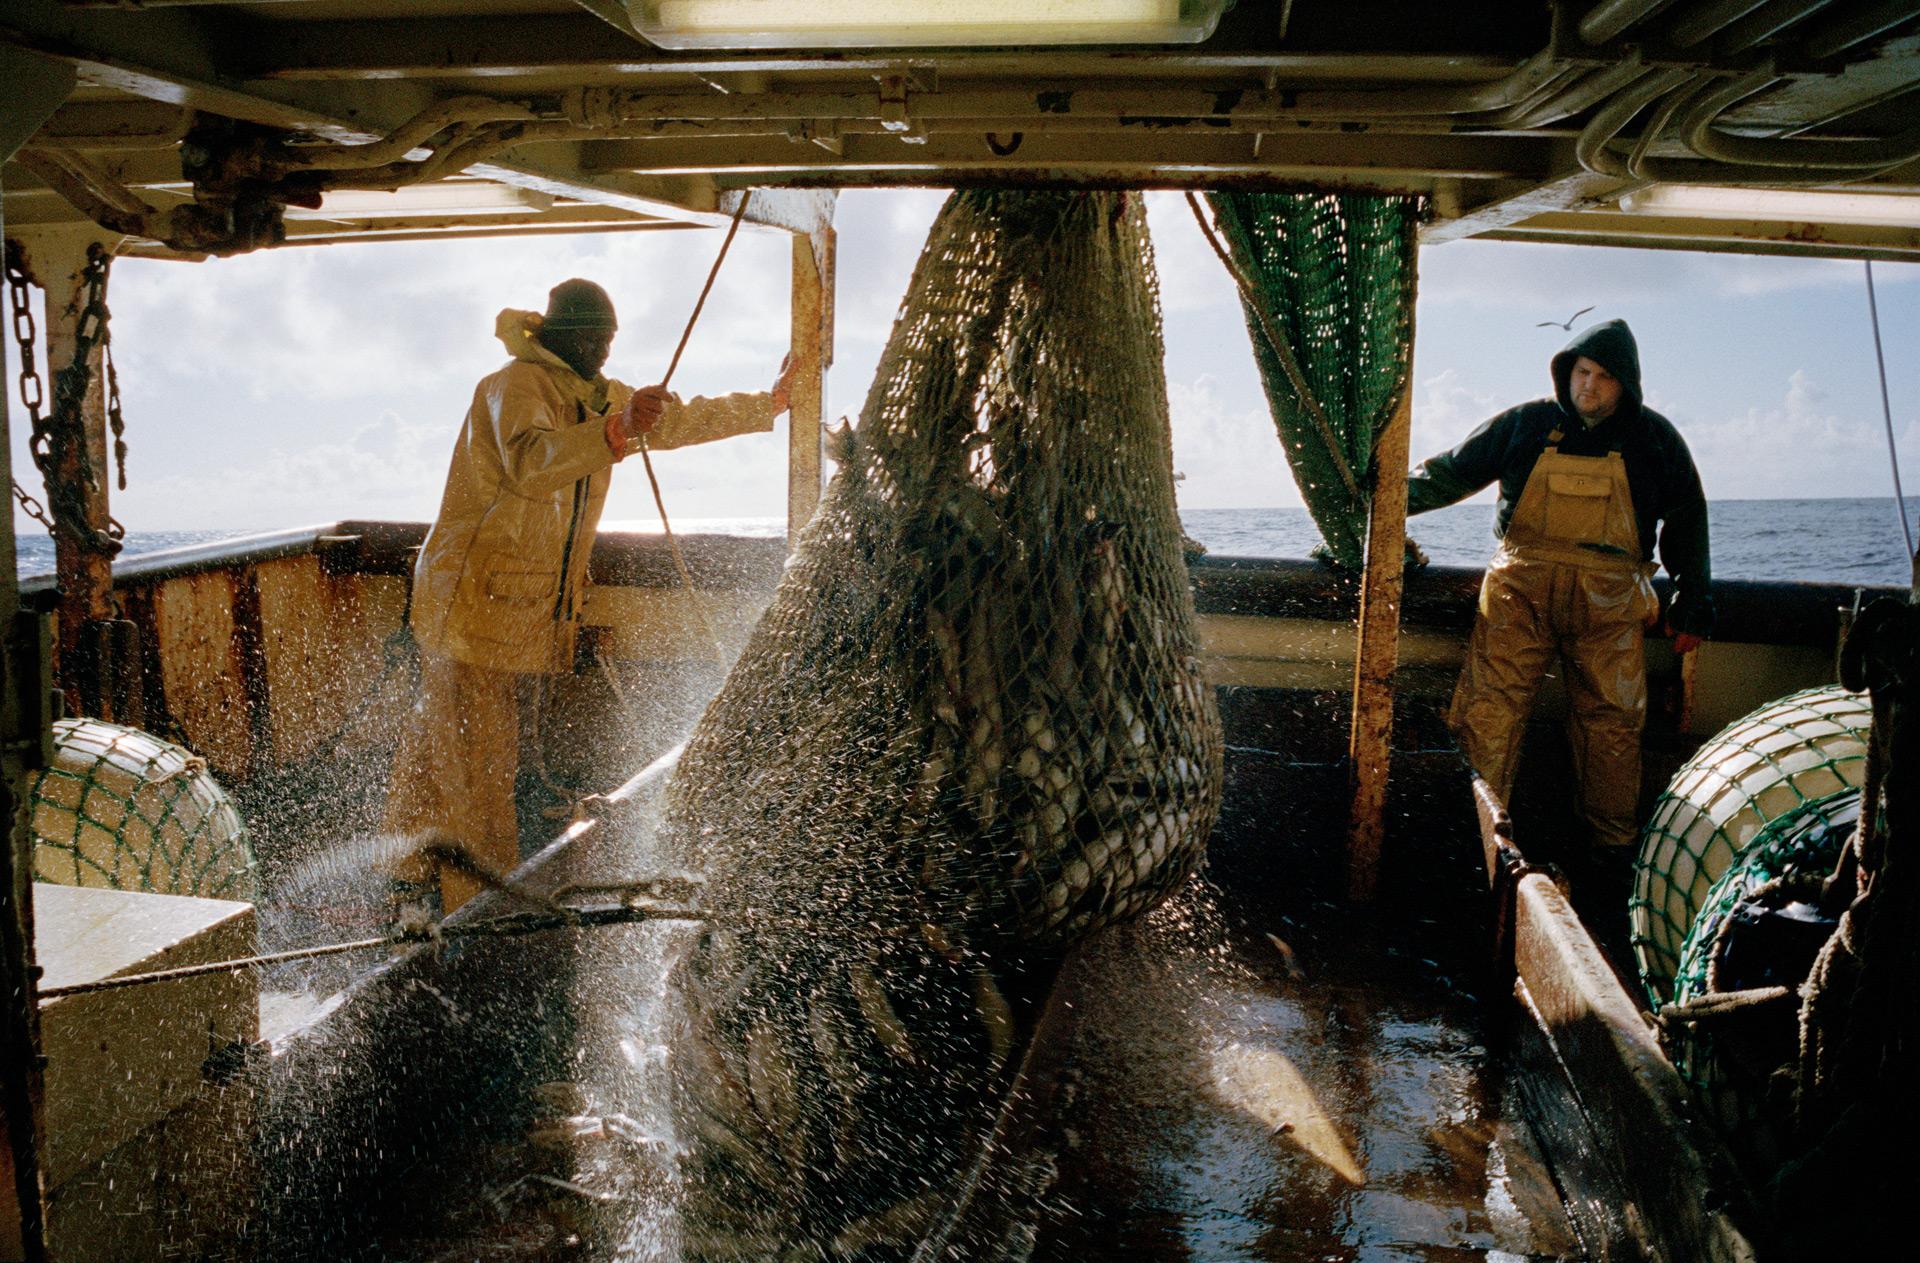 Babacar et Jérôme à l'arrière du bateau lors de la remontée du merlu.